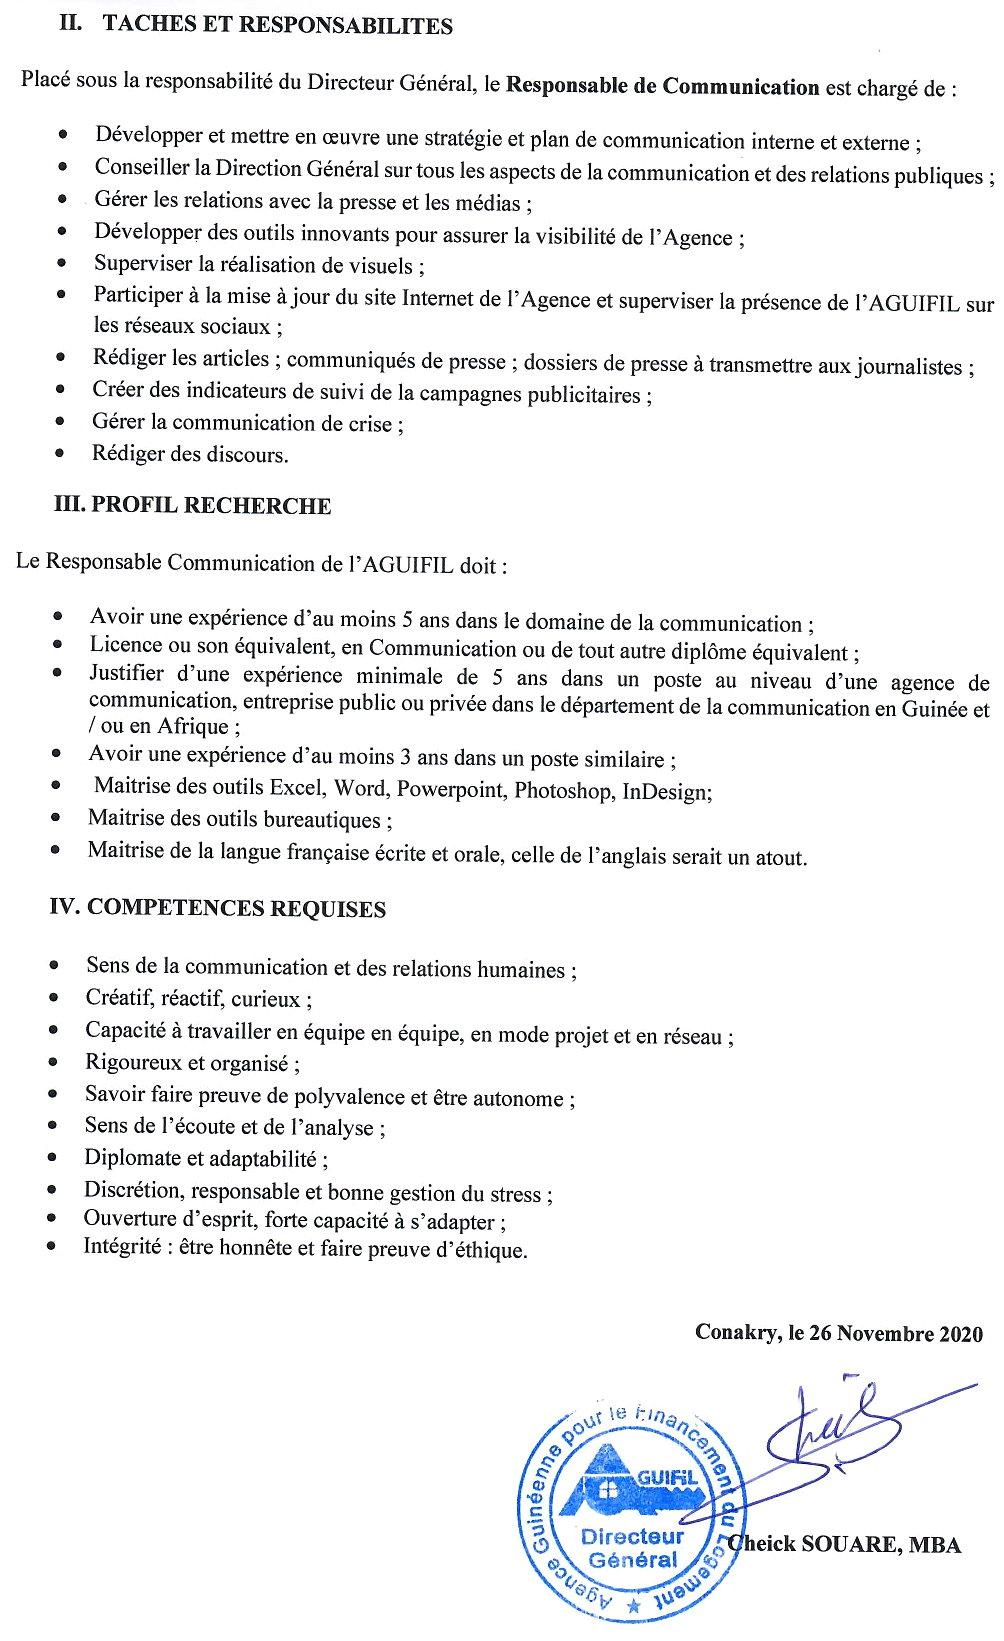 Recrutement en guinée - Aguifil p.2